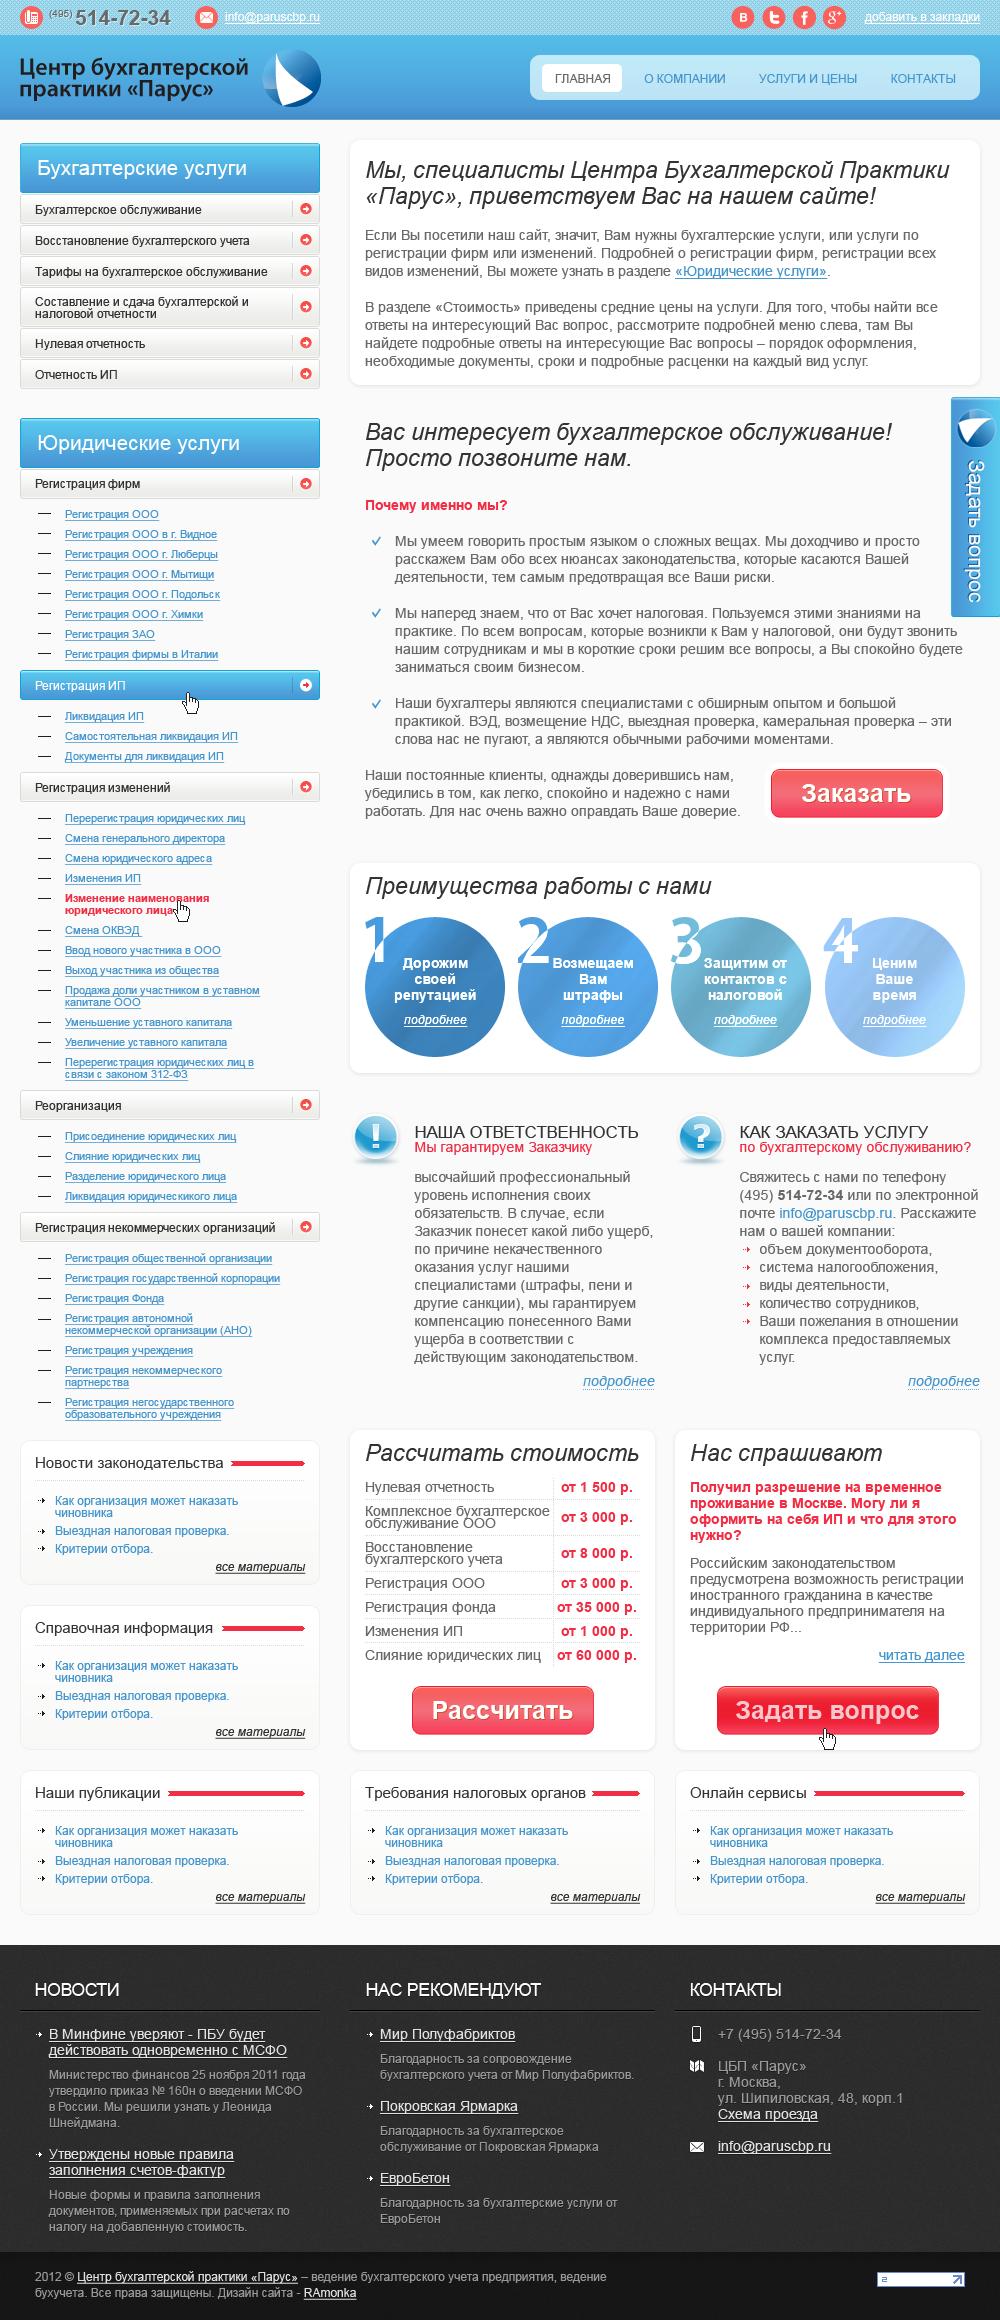 Разработка дизайна сайта на CMS Joomla для Центра бухгалтерской практики Парус